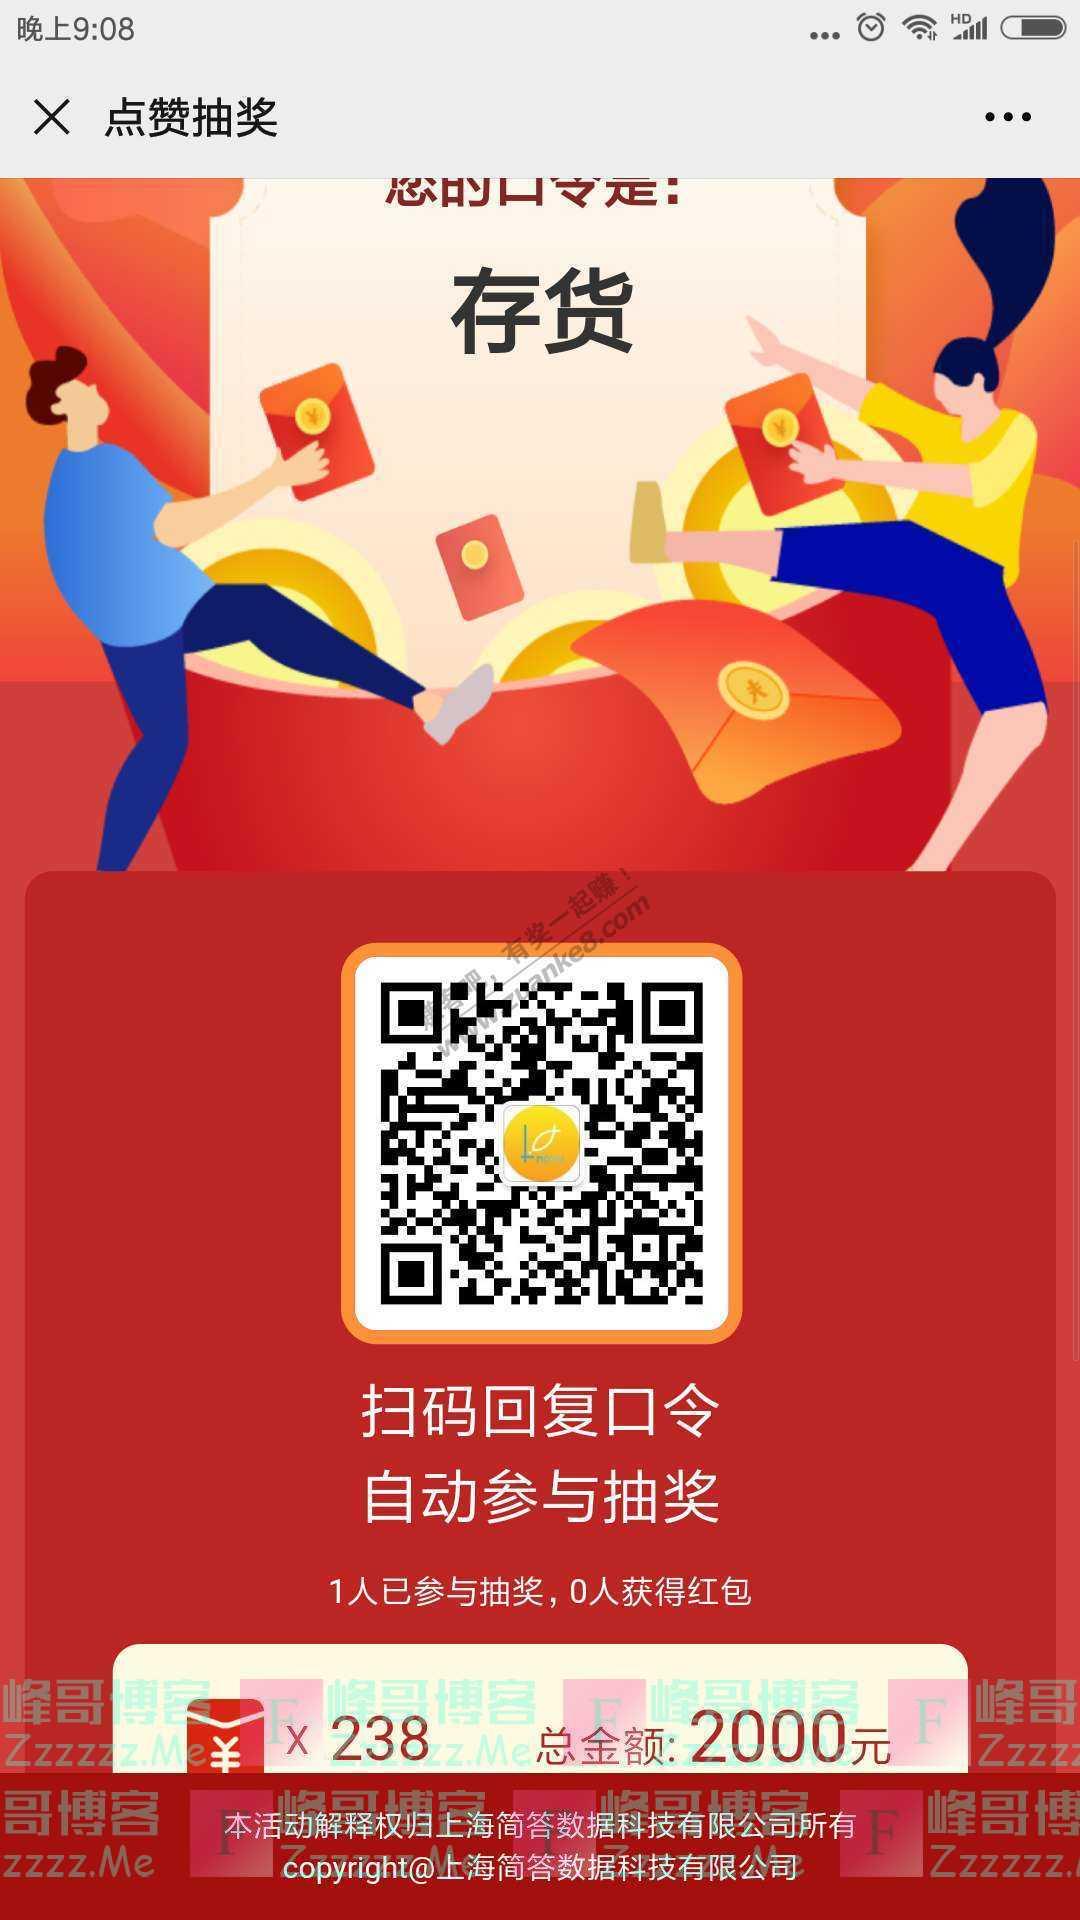 搬砖小组大资金突突突!(截止6月19日)